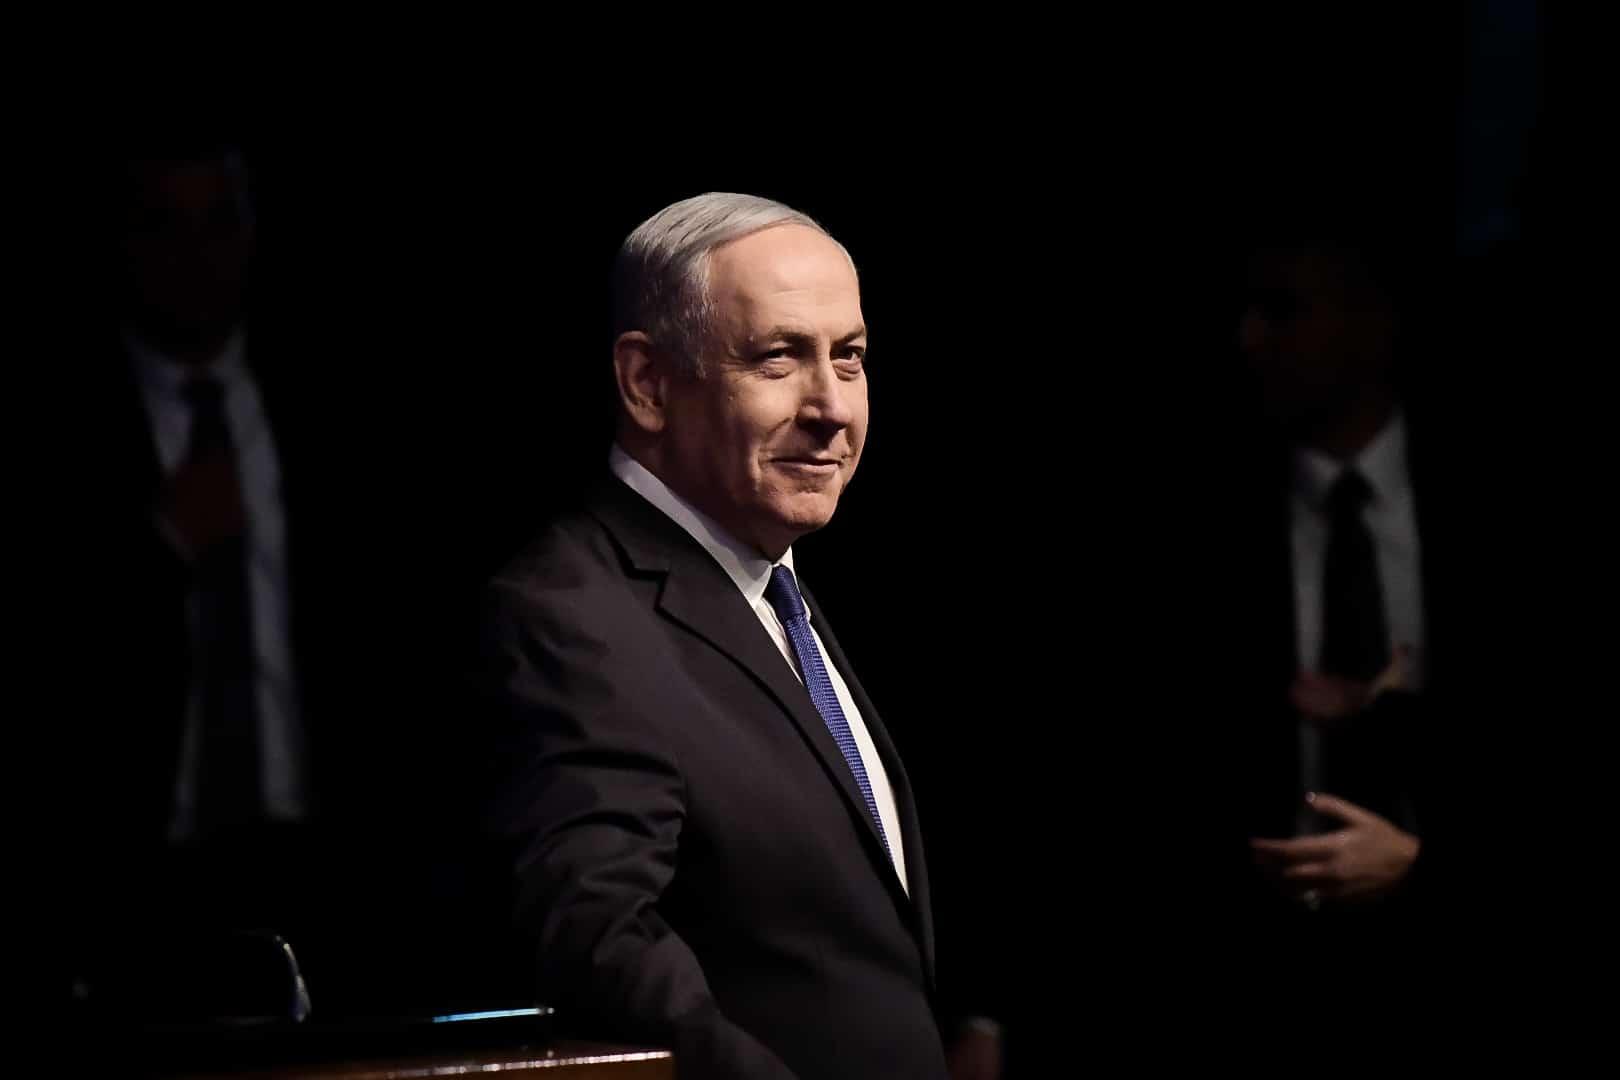 יומן בחירות: יום חמישי, ה-28 במאי 2020 | זמן ישראל